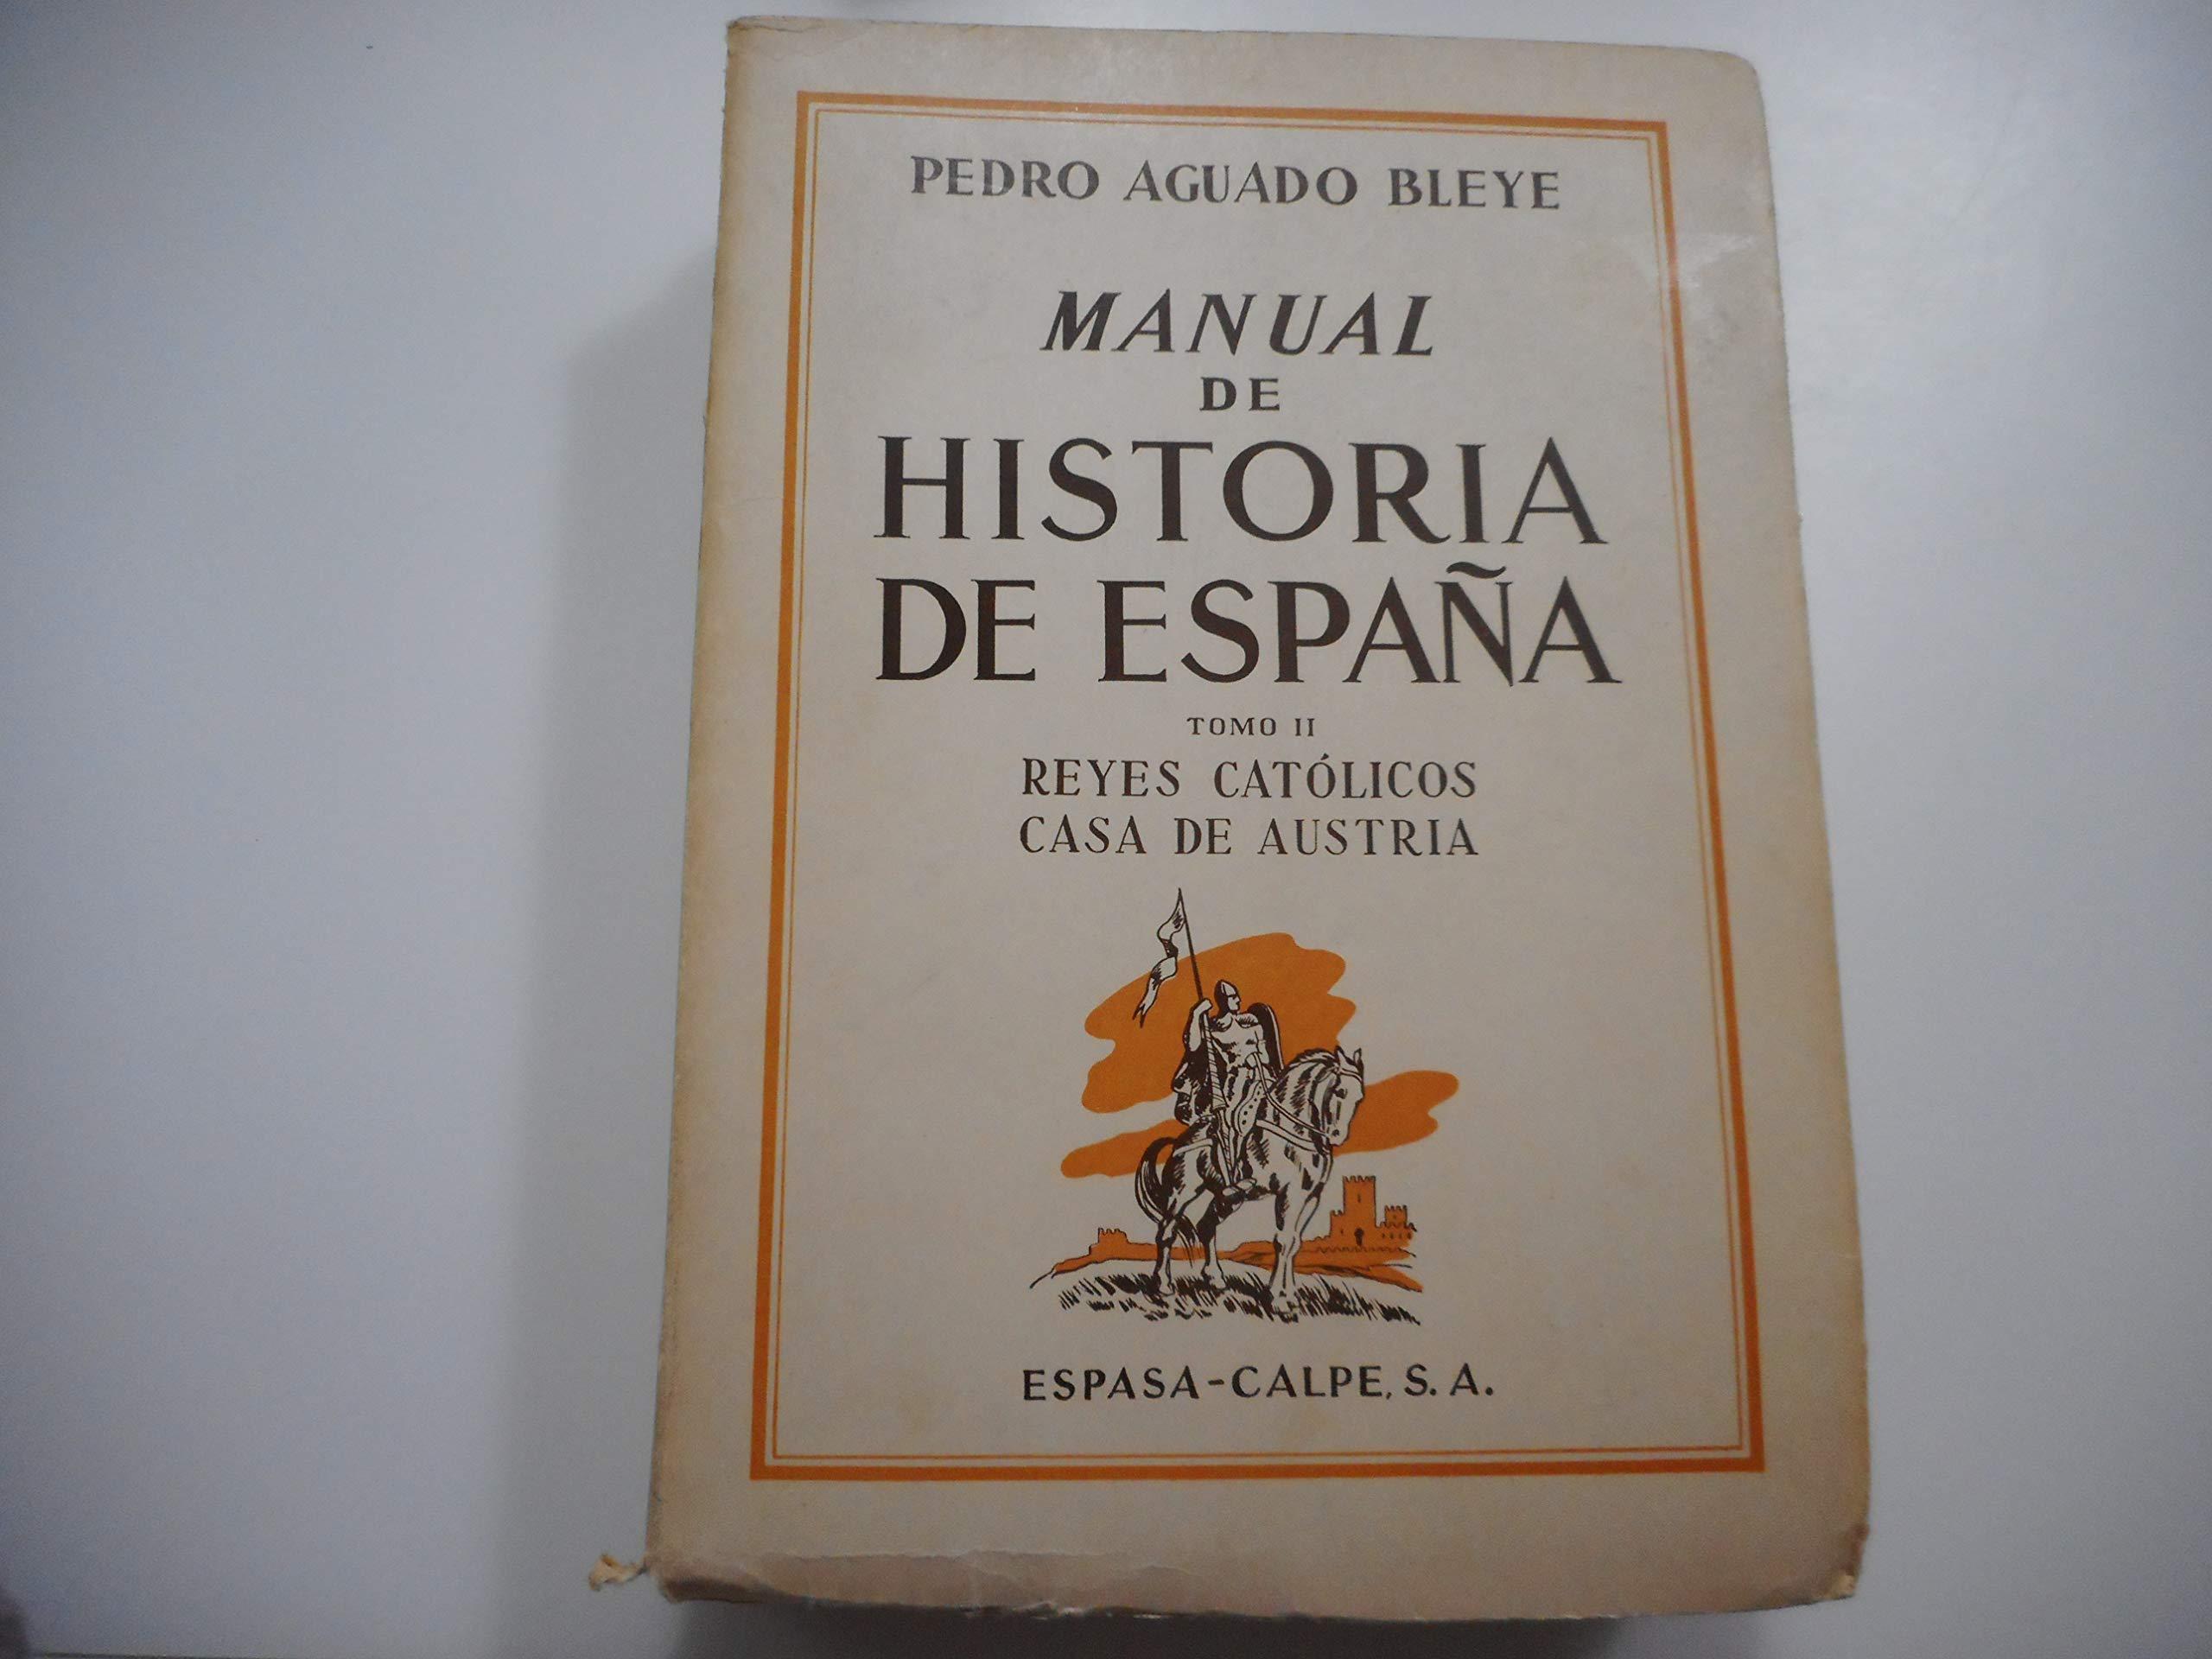 MANUAL DE HISTORIA DE ESPAÑA (3 volúmenes): Amazon.es: PEDRO ...